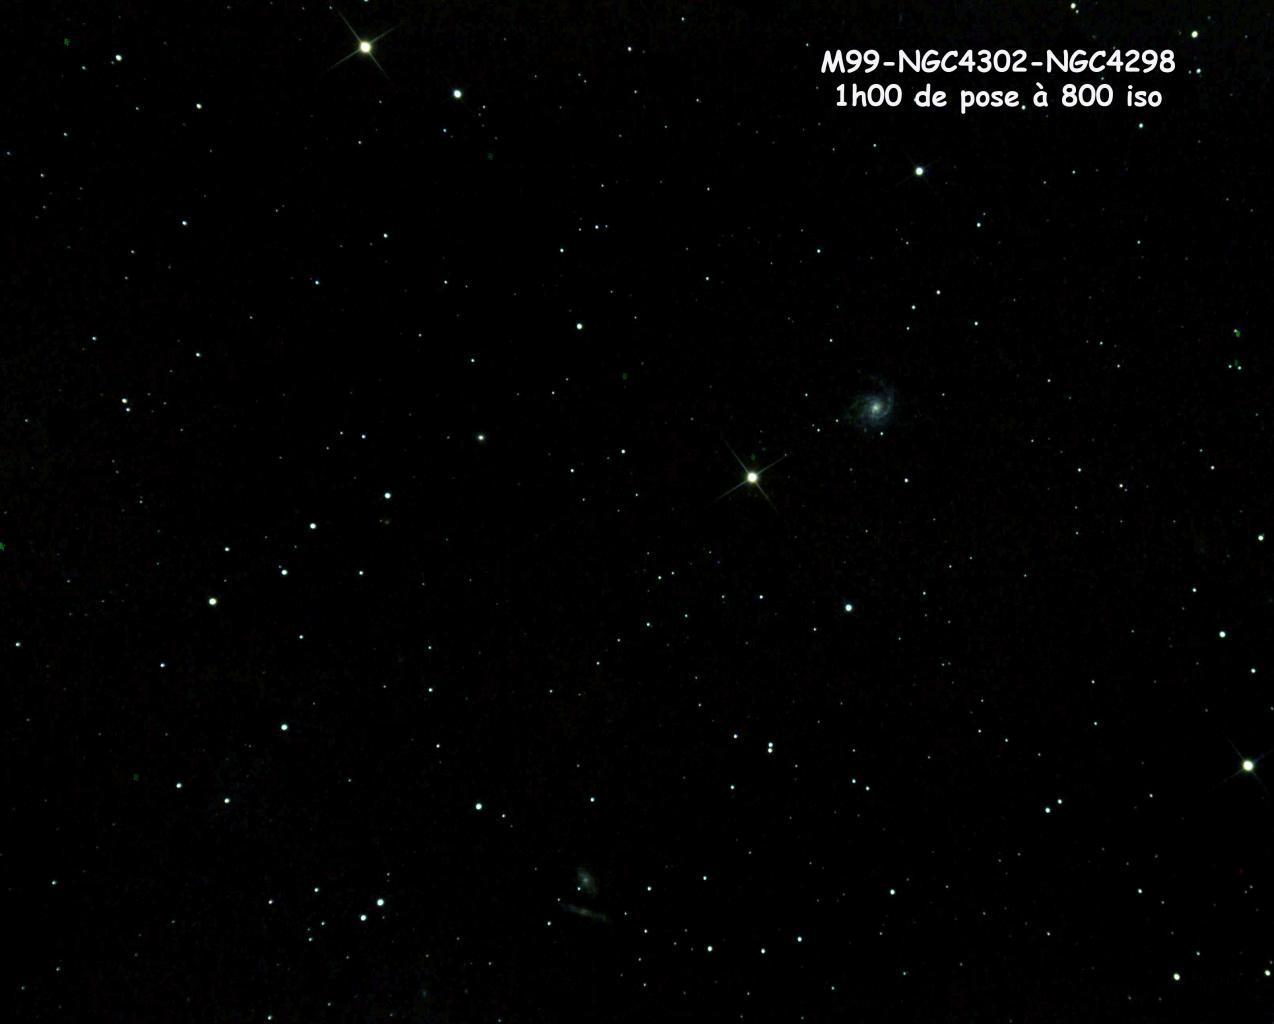 M99-NGC4298-NGC4302